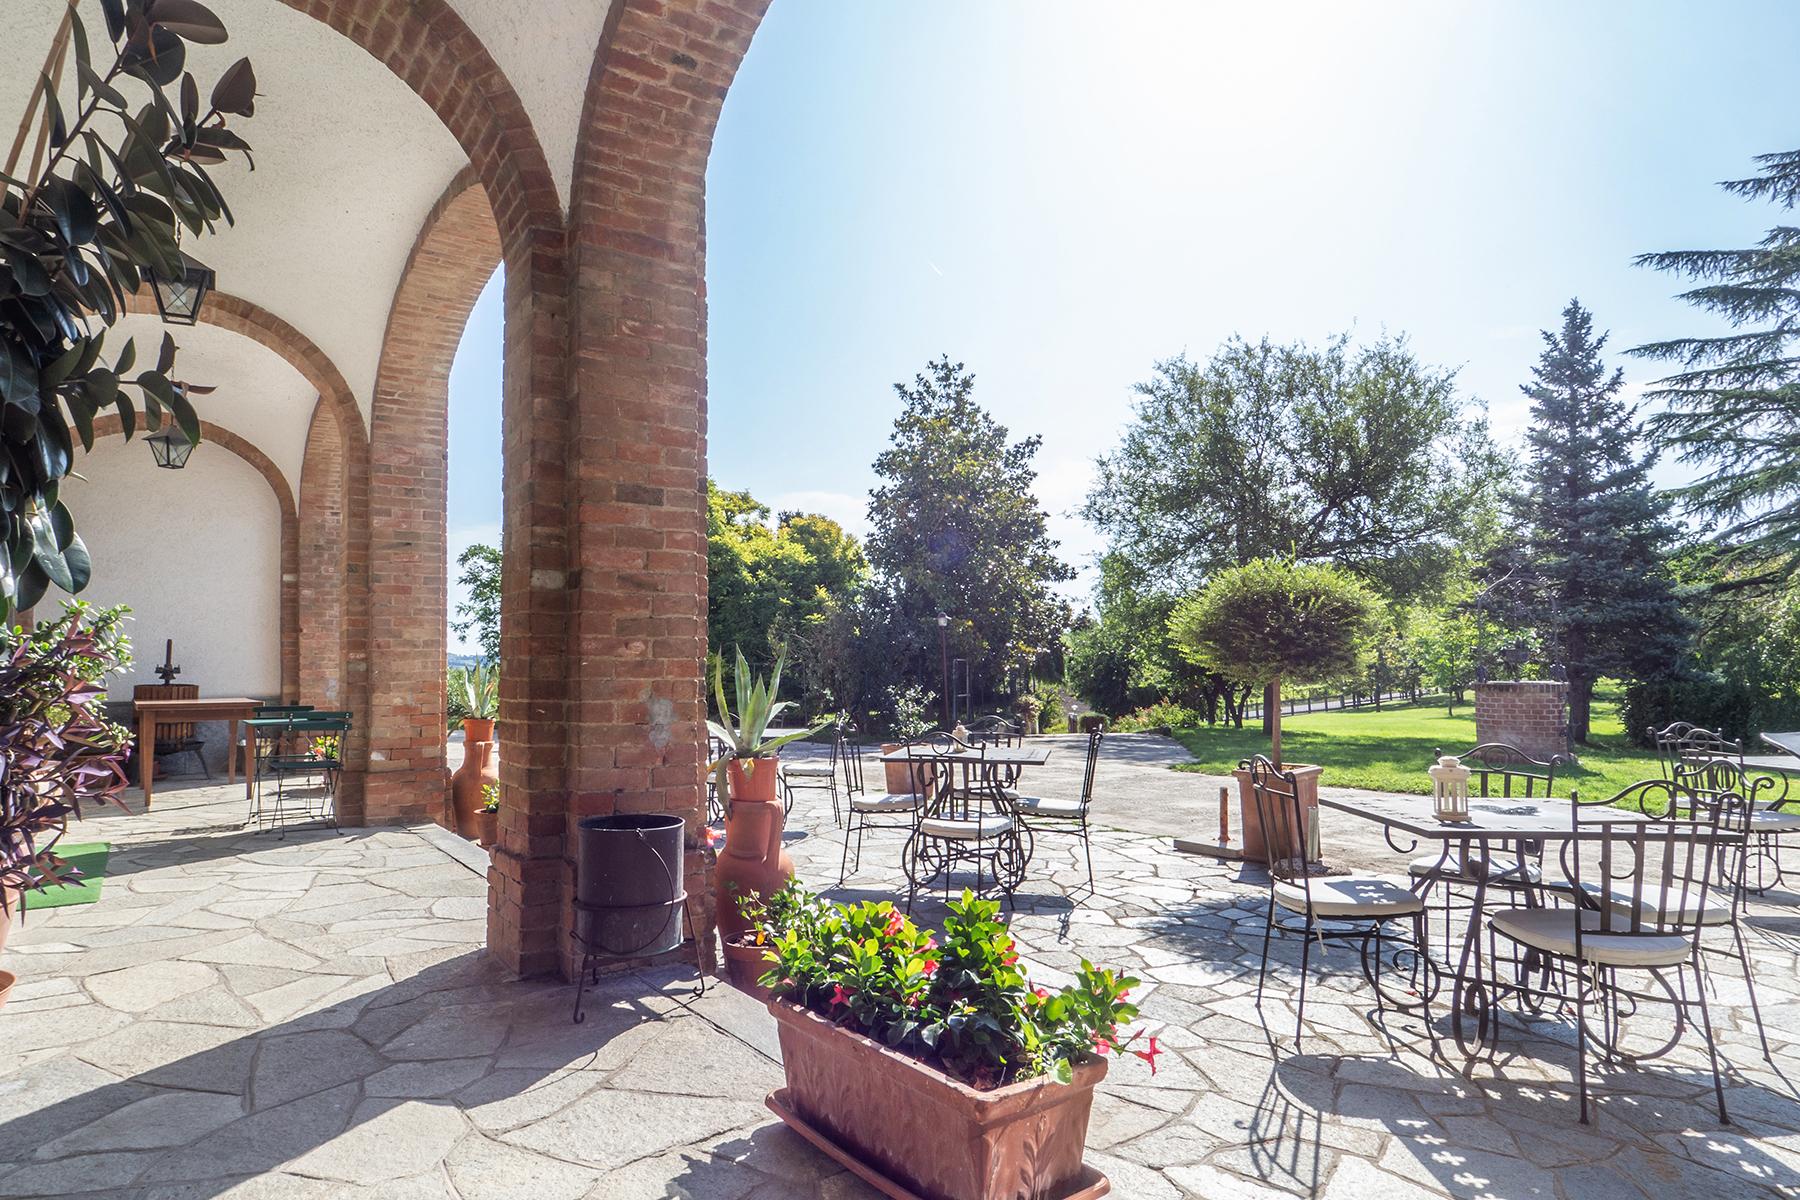 Rustico in Vendita a Sala Monferrato: 5 locali, 1000 mq - Foto 23